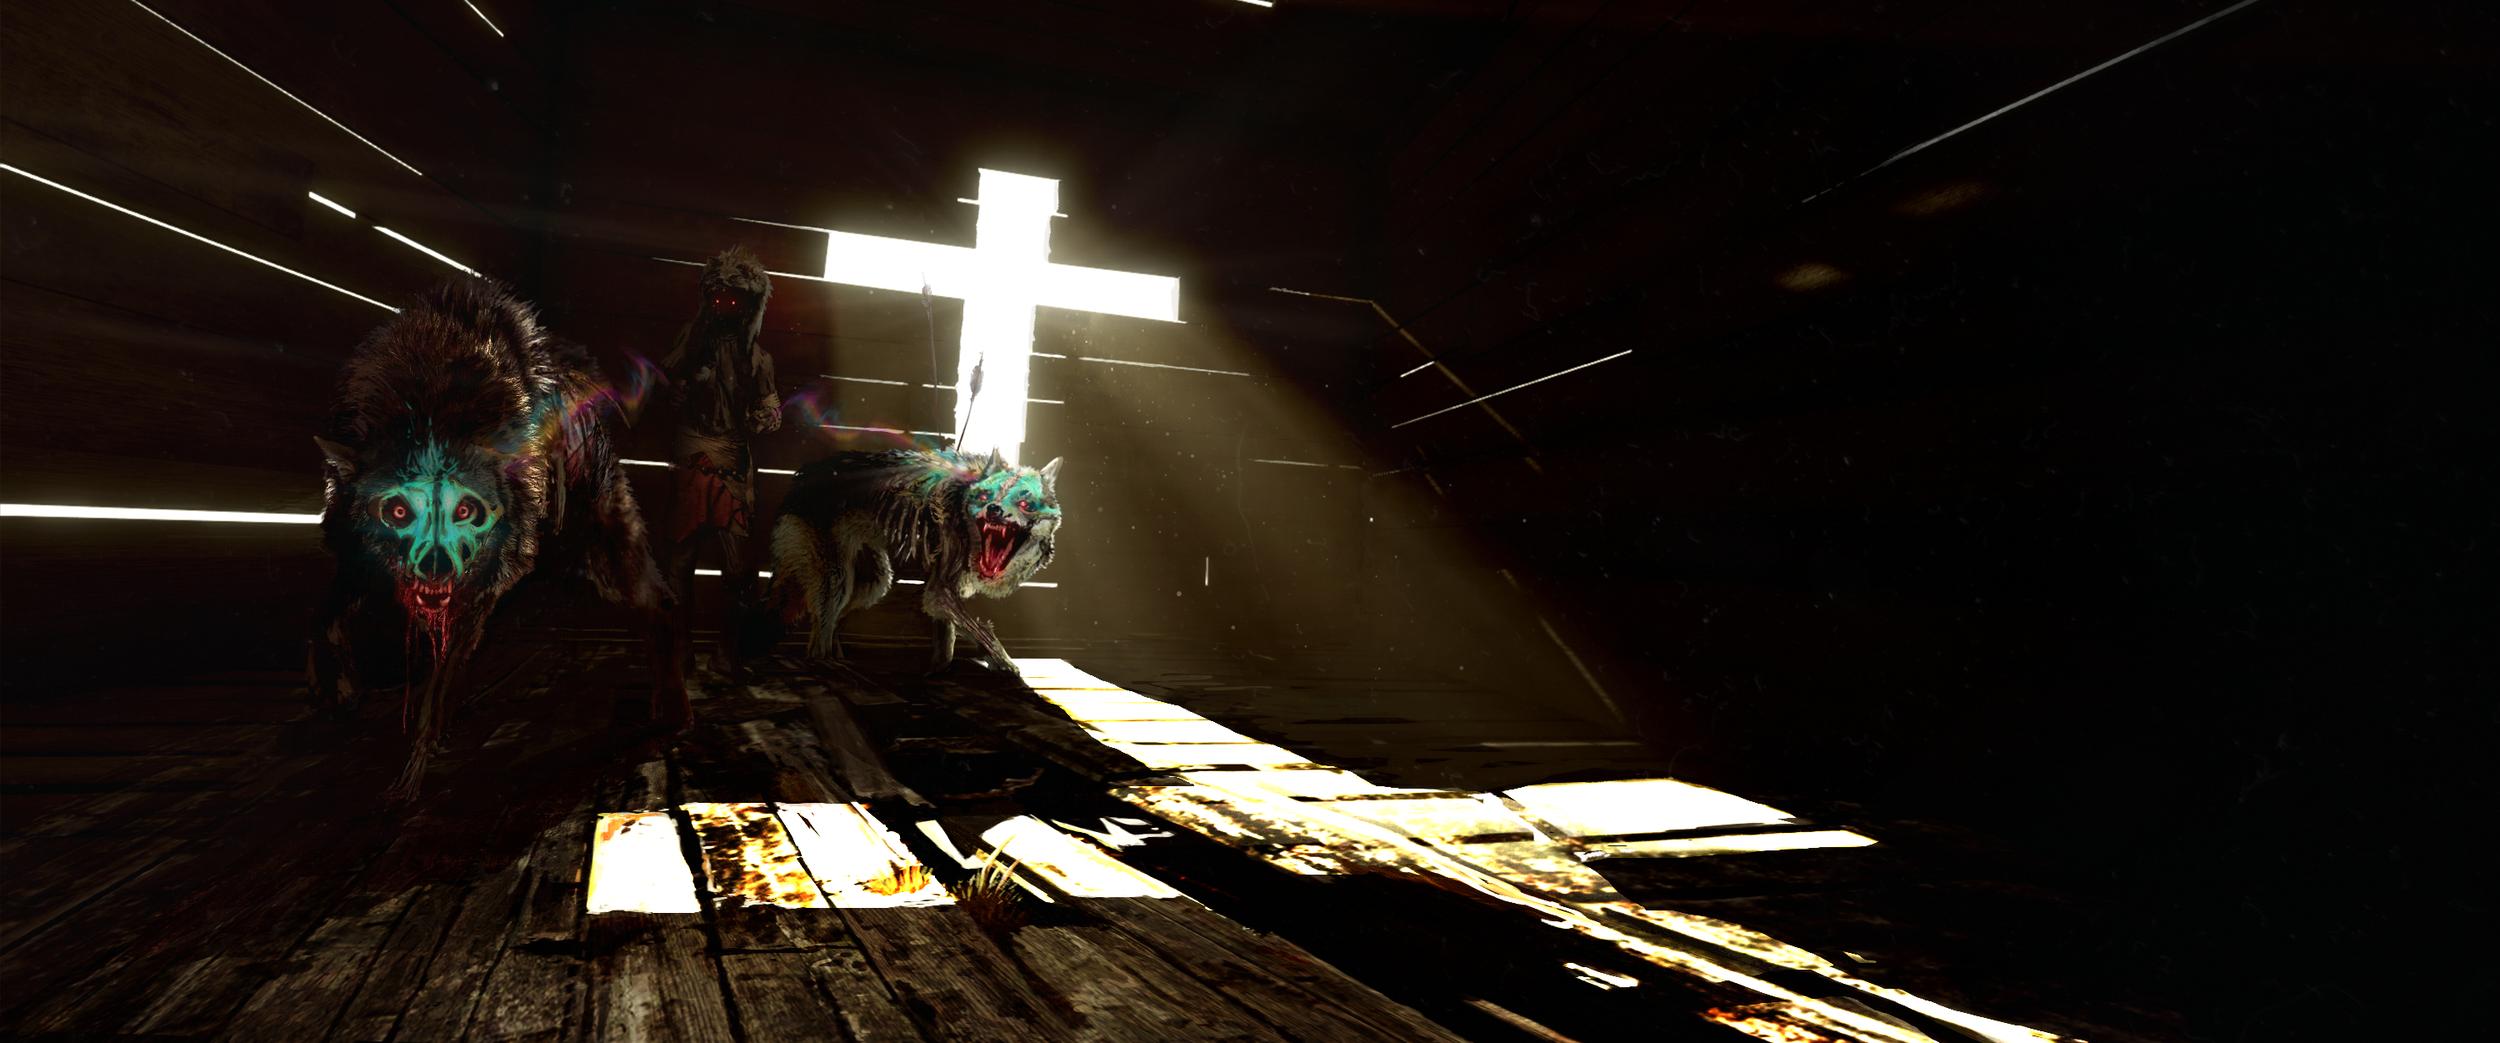 Deadskins_Cross.png